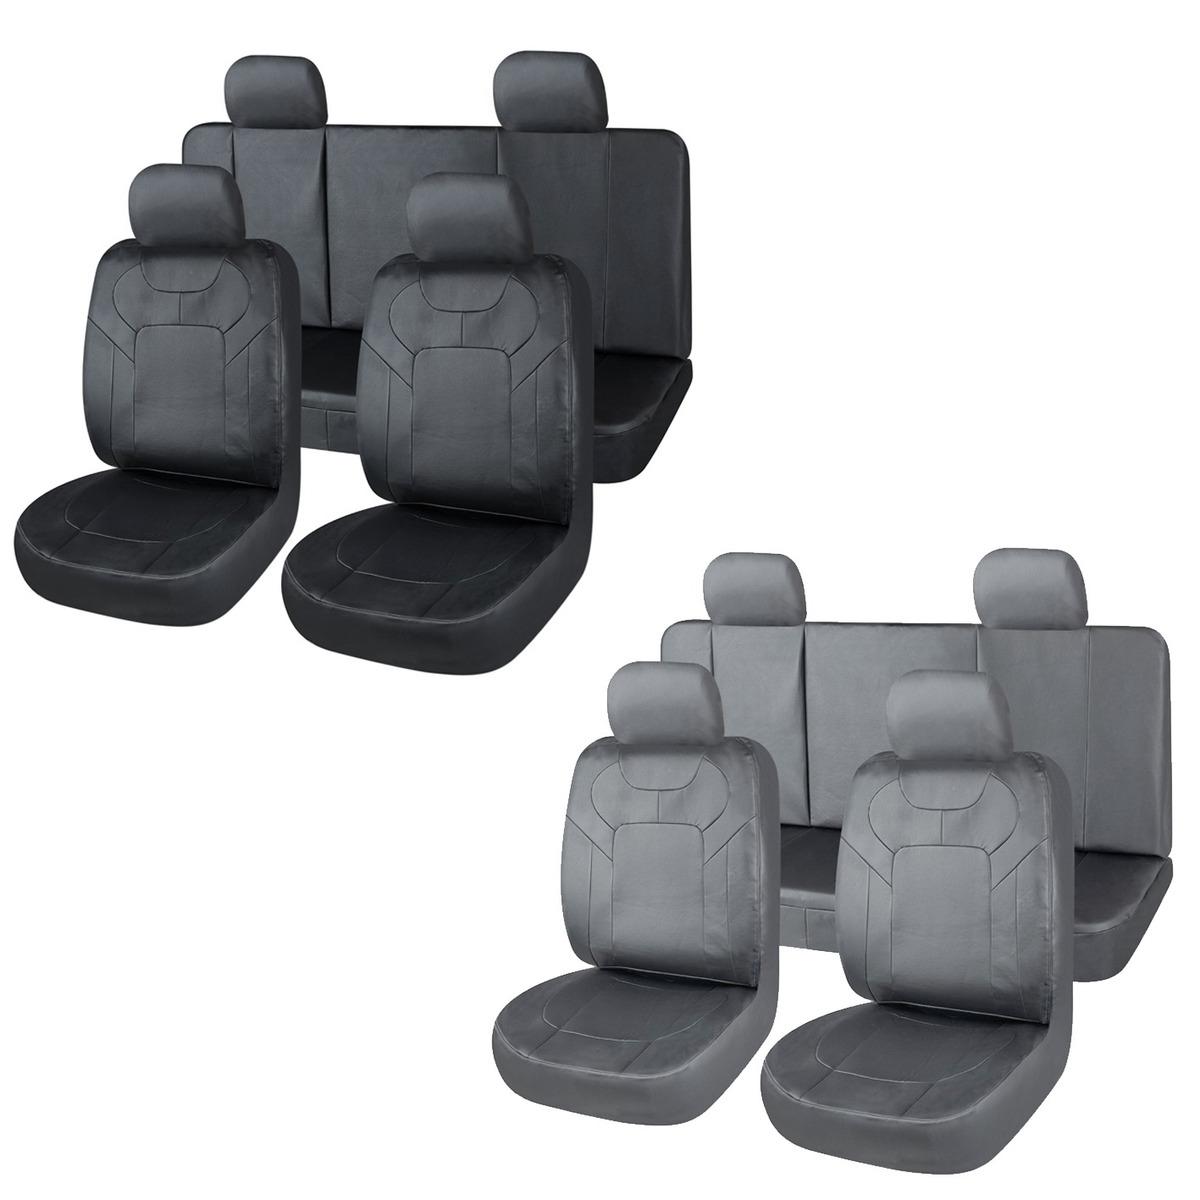 e124e13cb3c funda cubre asiento cuerina auto universal completa gris. Cargando zoom... funda  asiento auto. Cargando zoom.